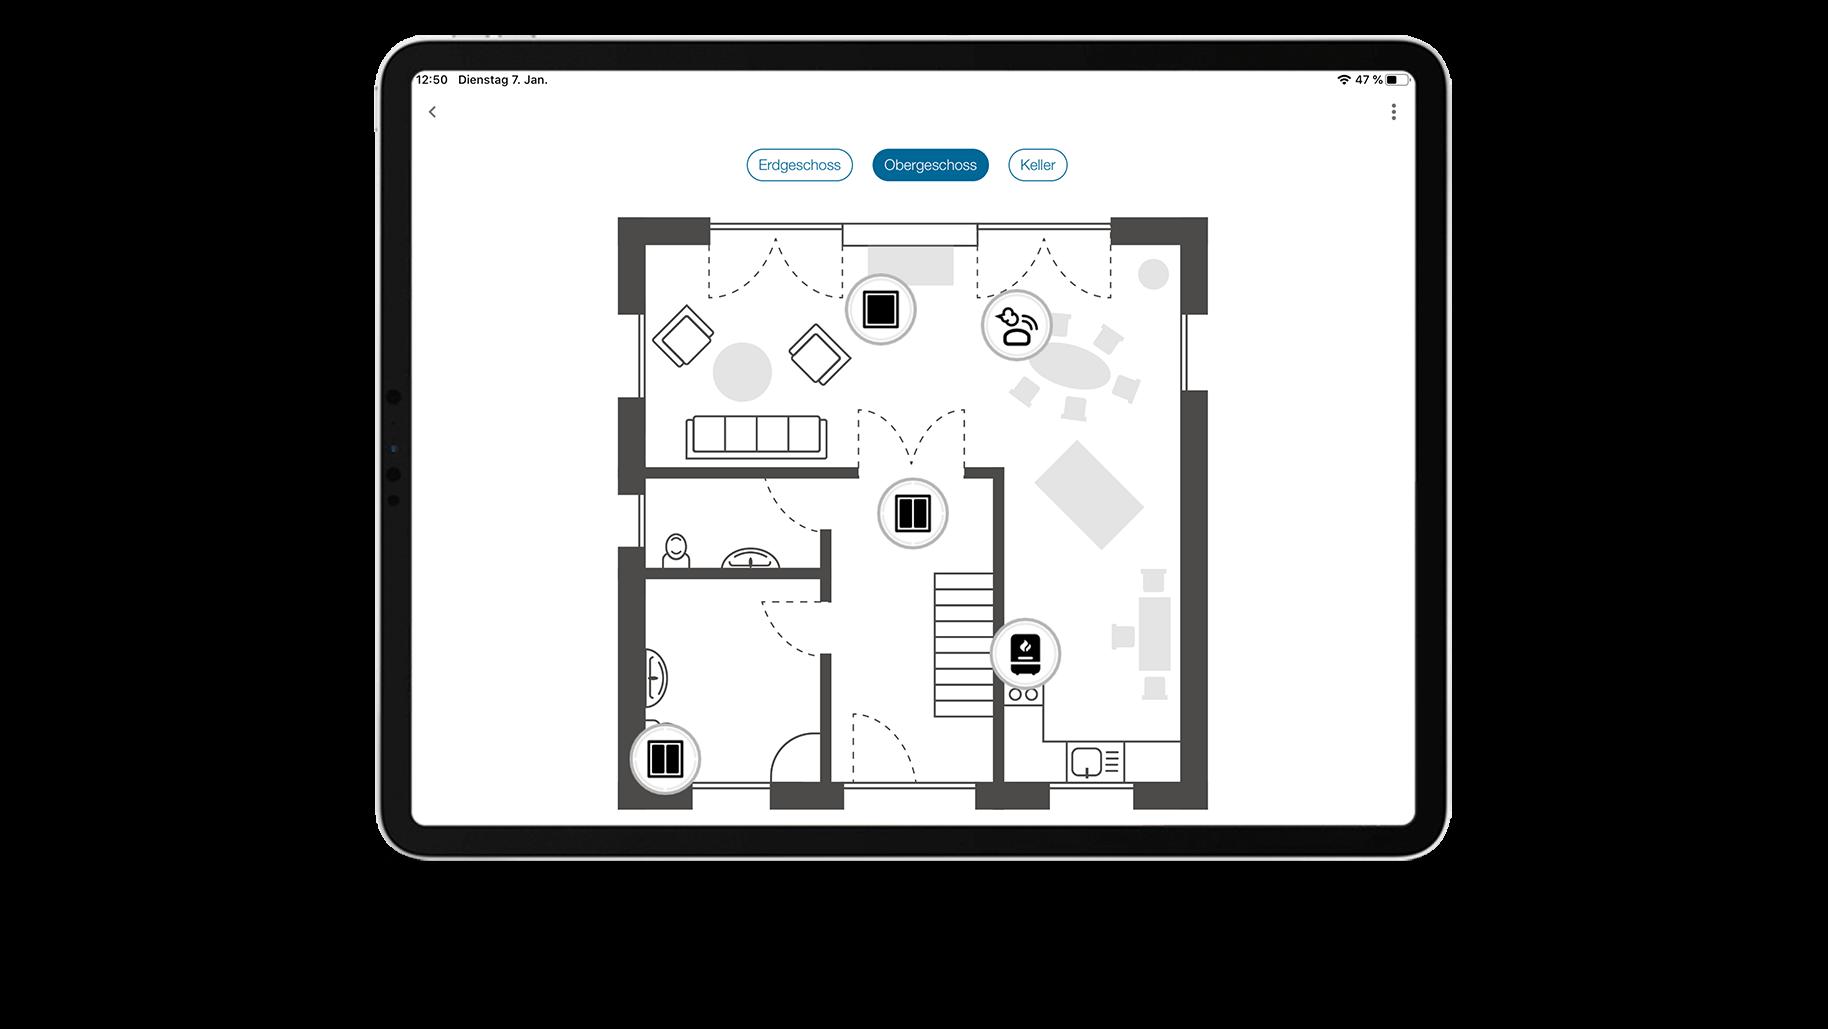 iPad_Grundriss-1